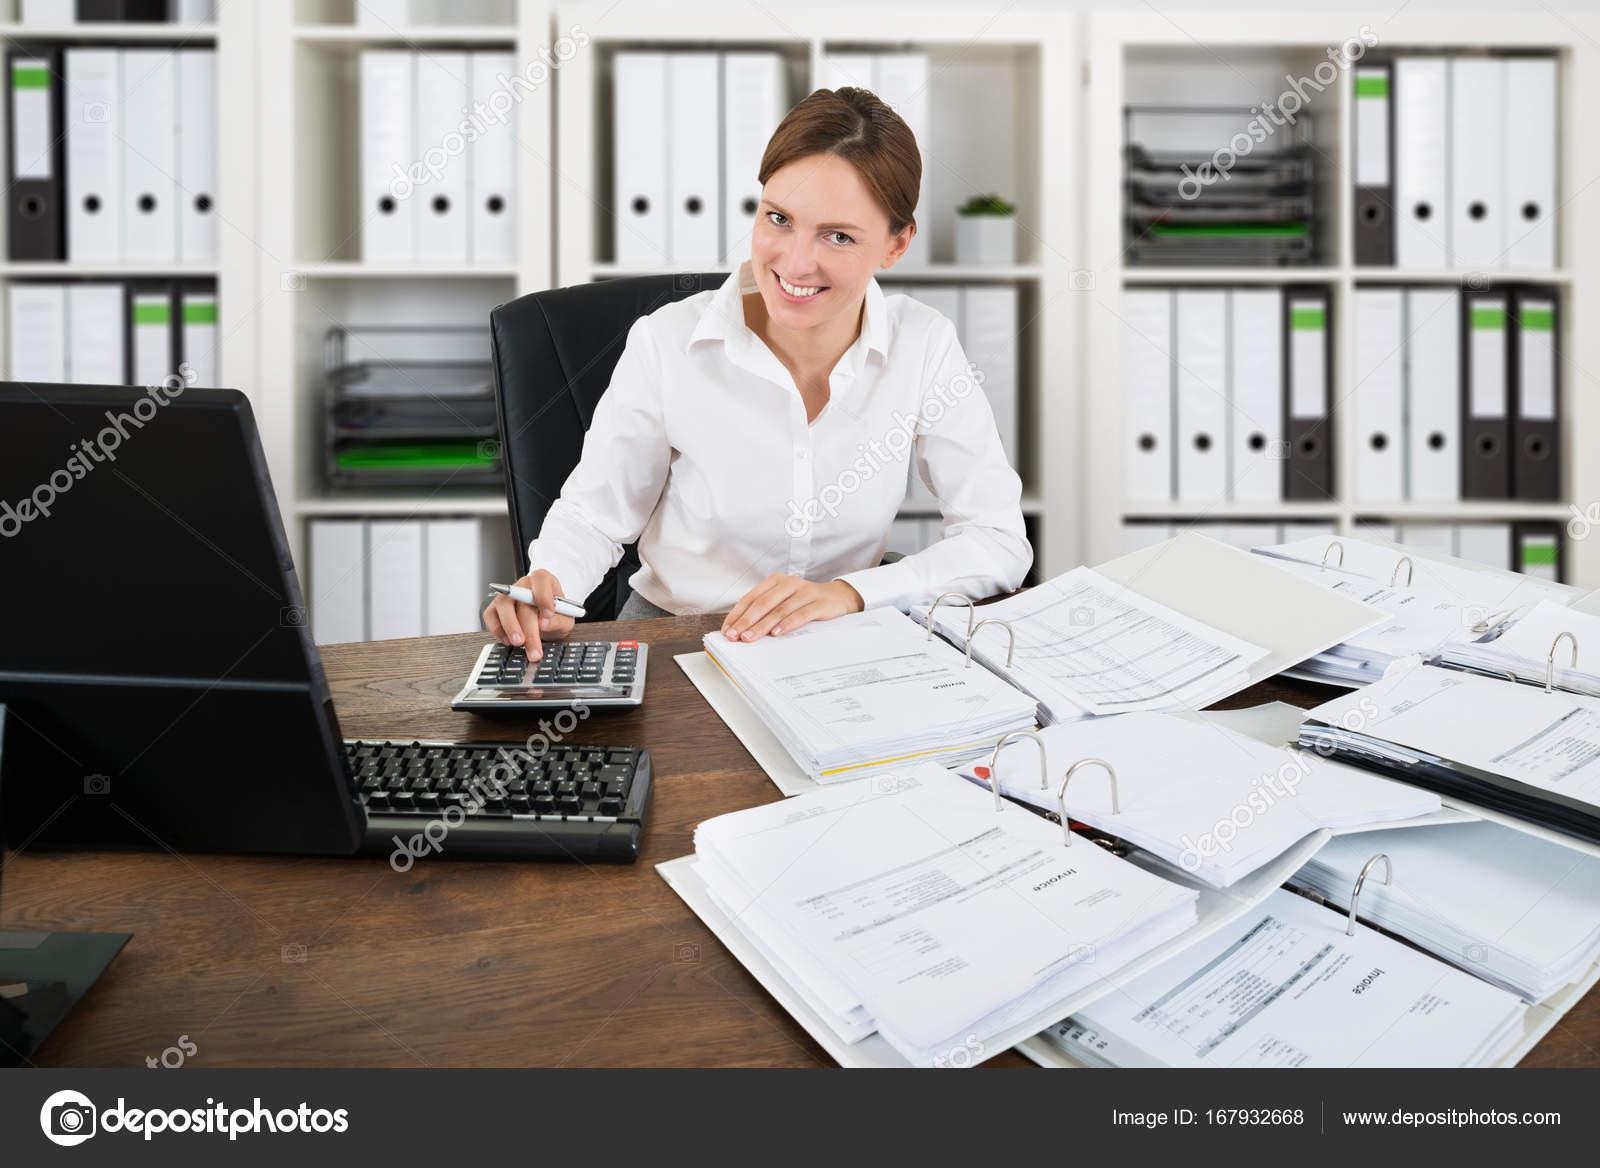 Buchhalter Im Buro Arbeiten Stockfoto C Andreypopov 167932668